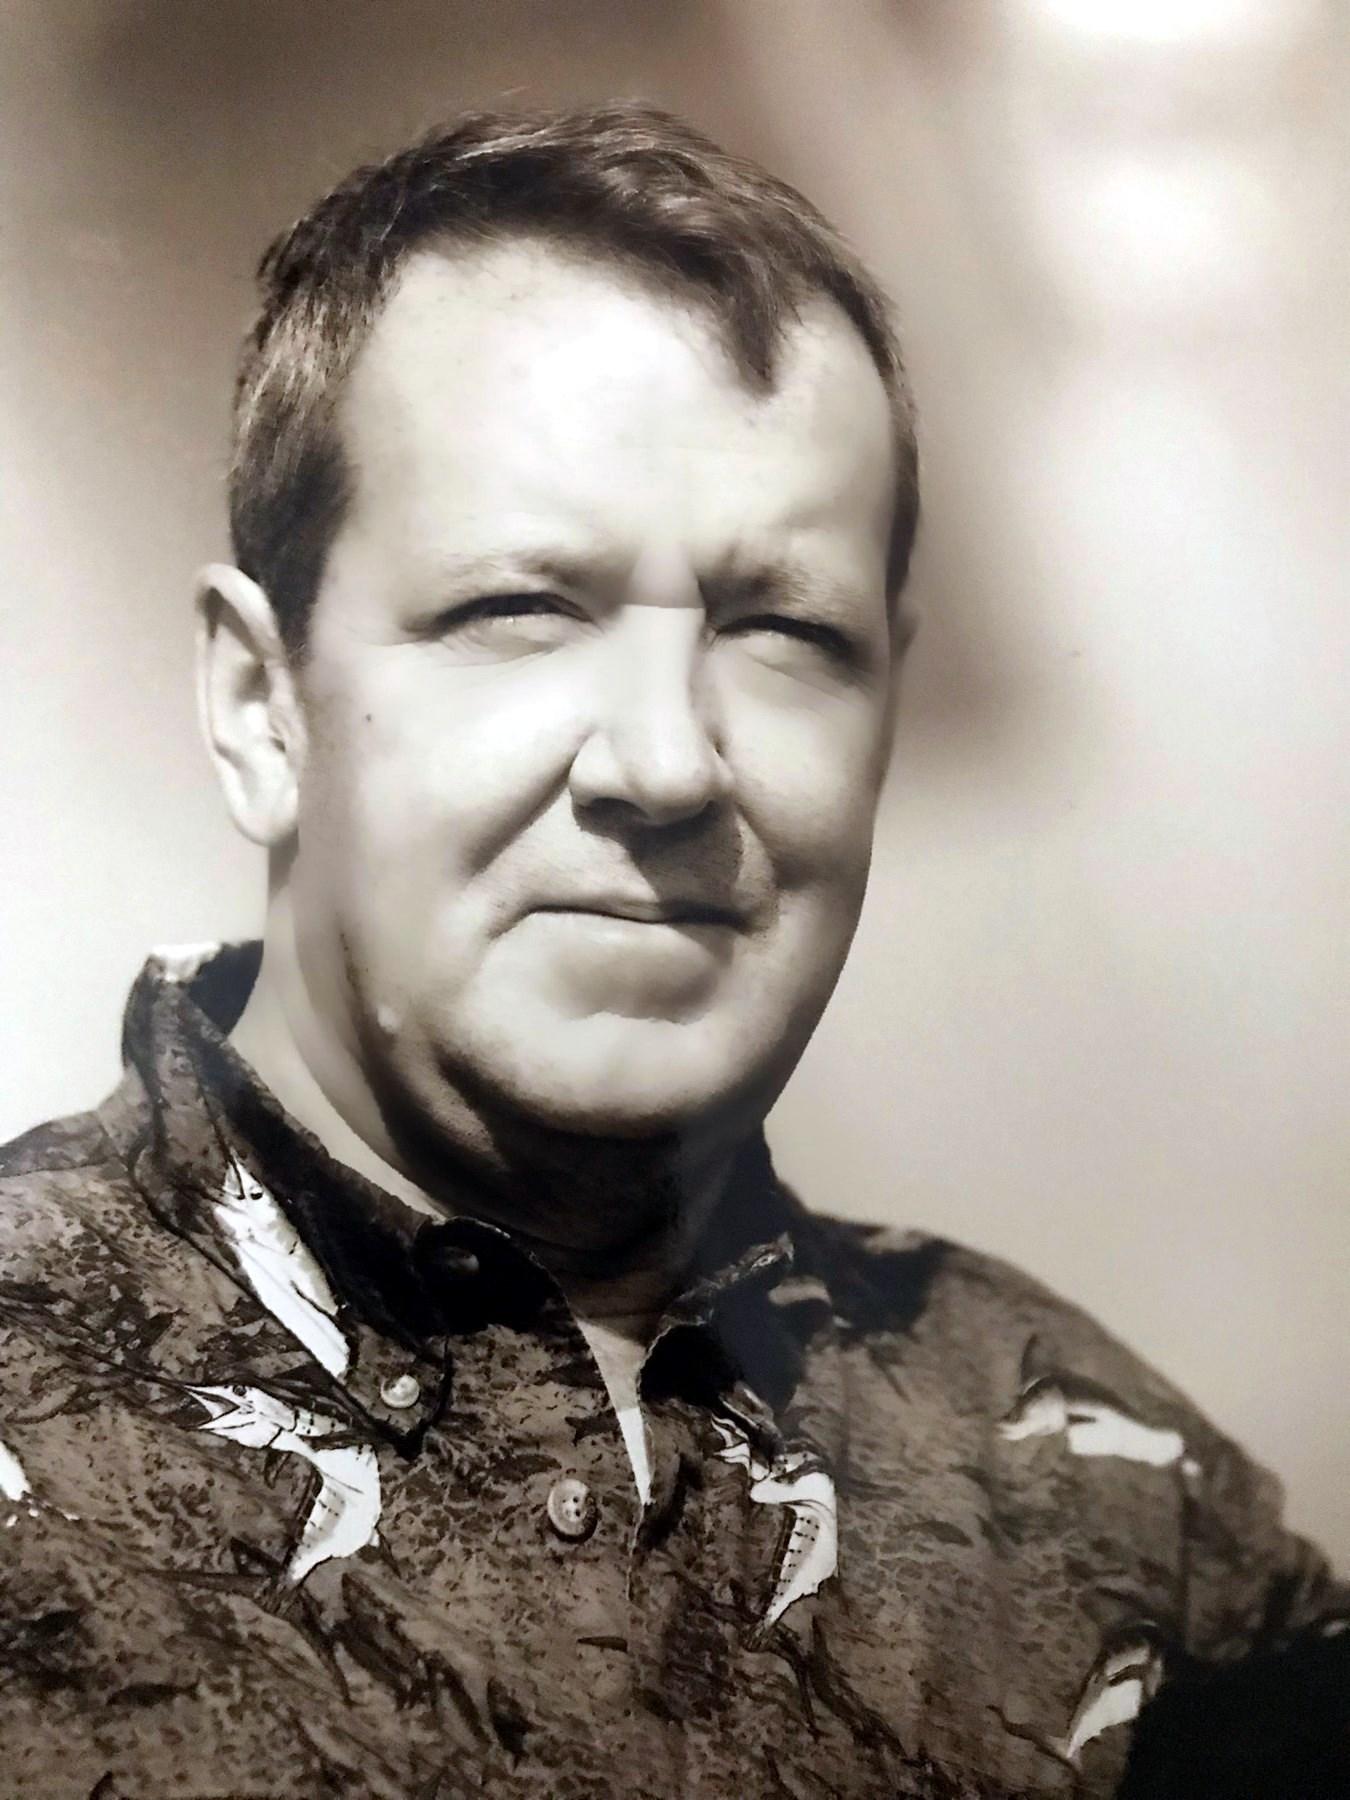 Brian Patrick  Kirk